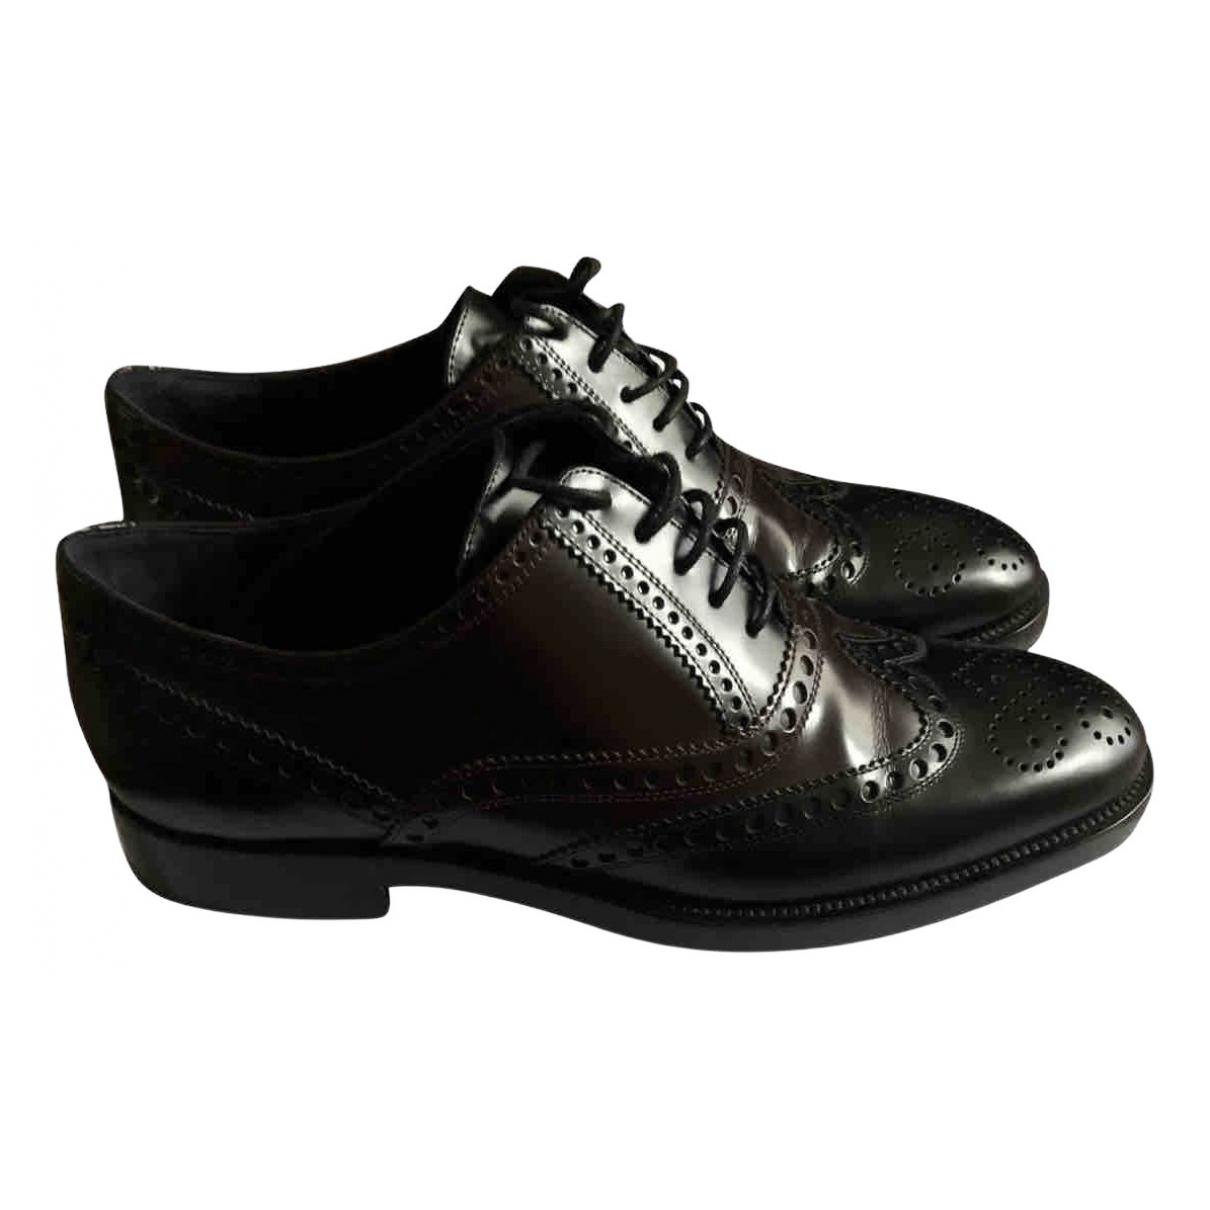 Dior - Derbies DiorUnit pour femme en cuir verni - noir